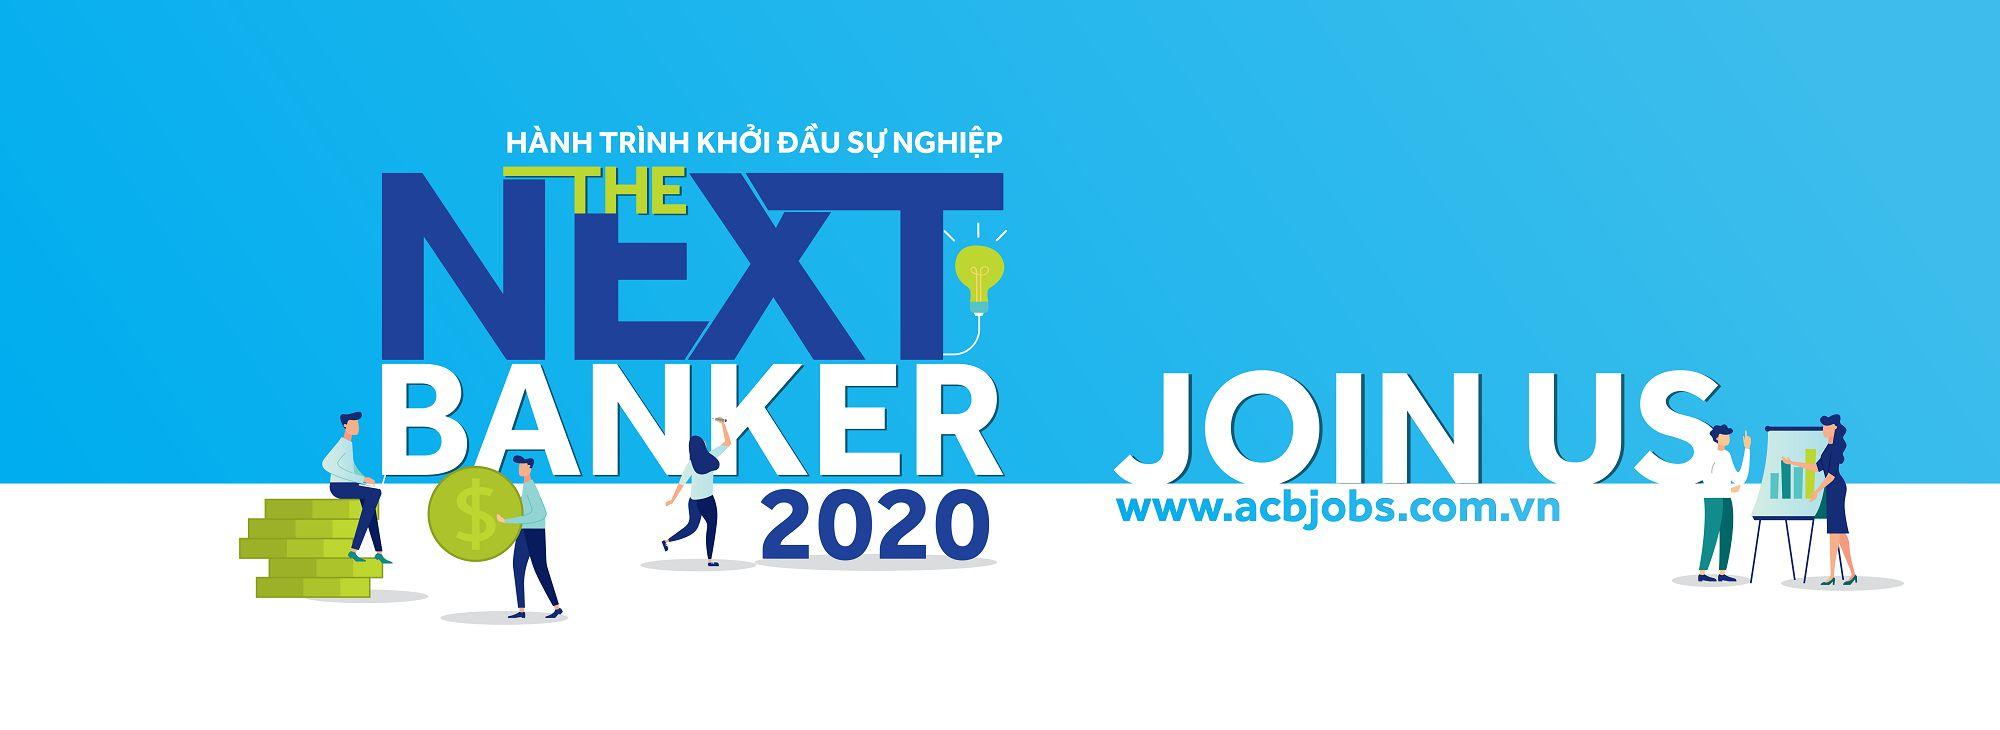 The Next Banker 2020 - Hành trình khởi đầu sự nghiệp (CN/PGD)